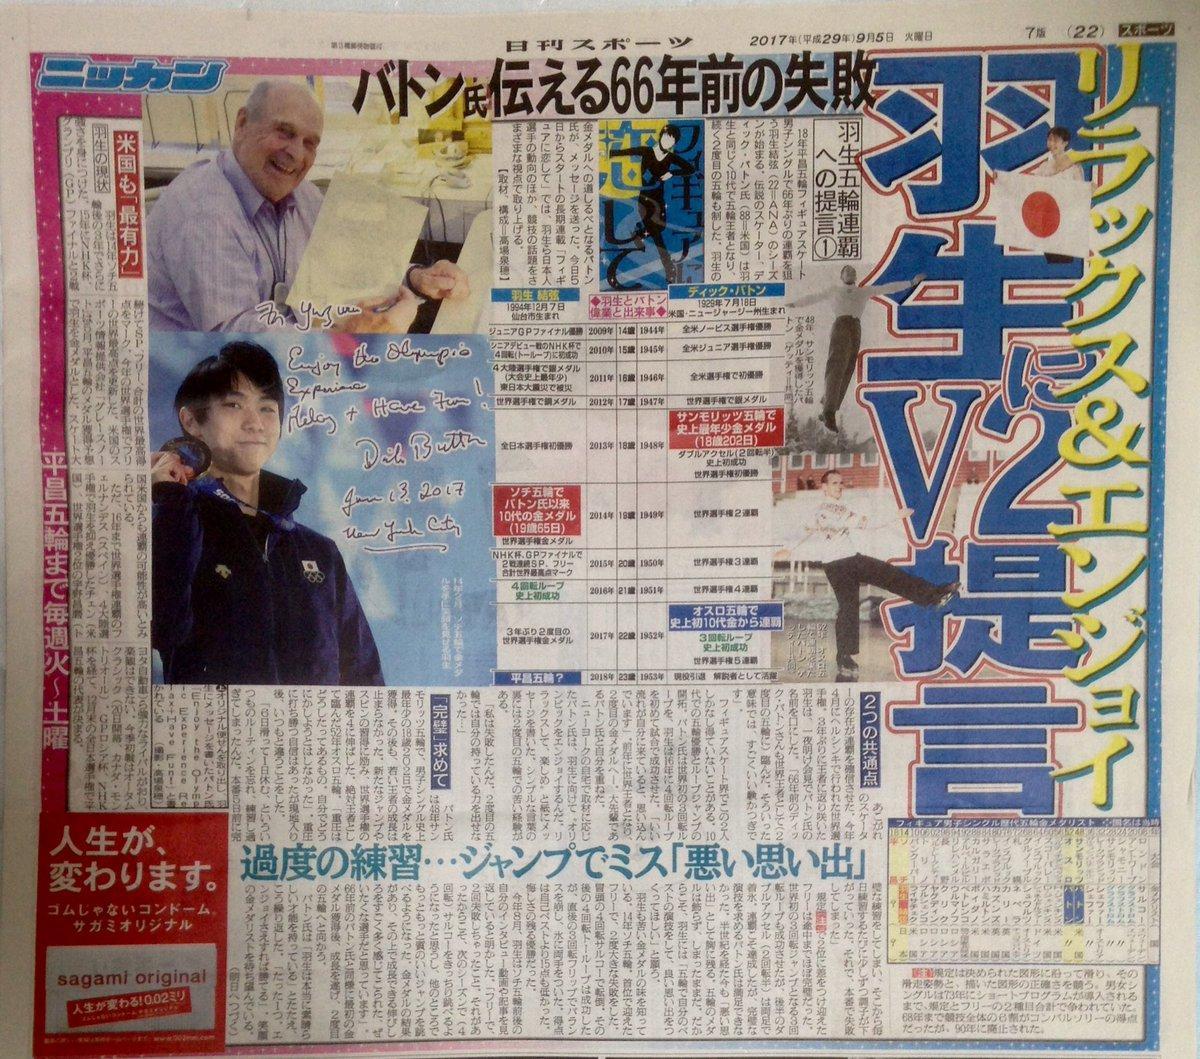 初回は羽生結弦。日刊スポーツで始まった平昌までの連載記事「フィギュアに恋して」。